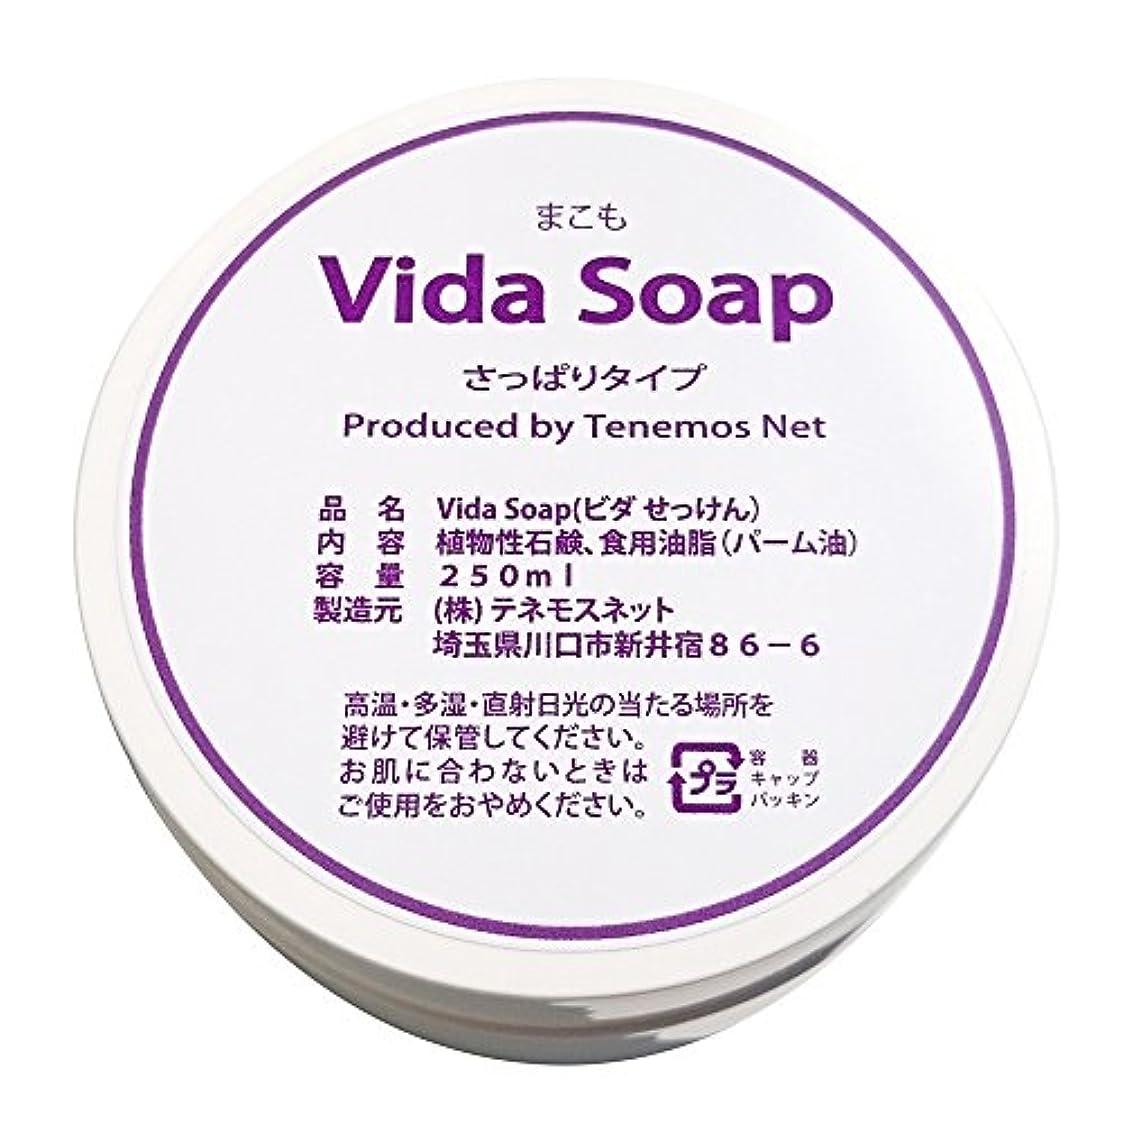 光沢万一に備えて毒性テネモス ビダせっけん Vida Soap さっぱりまこも 植物性 250ml